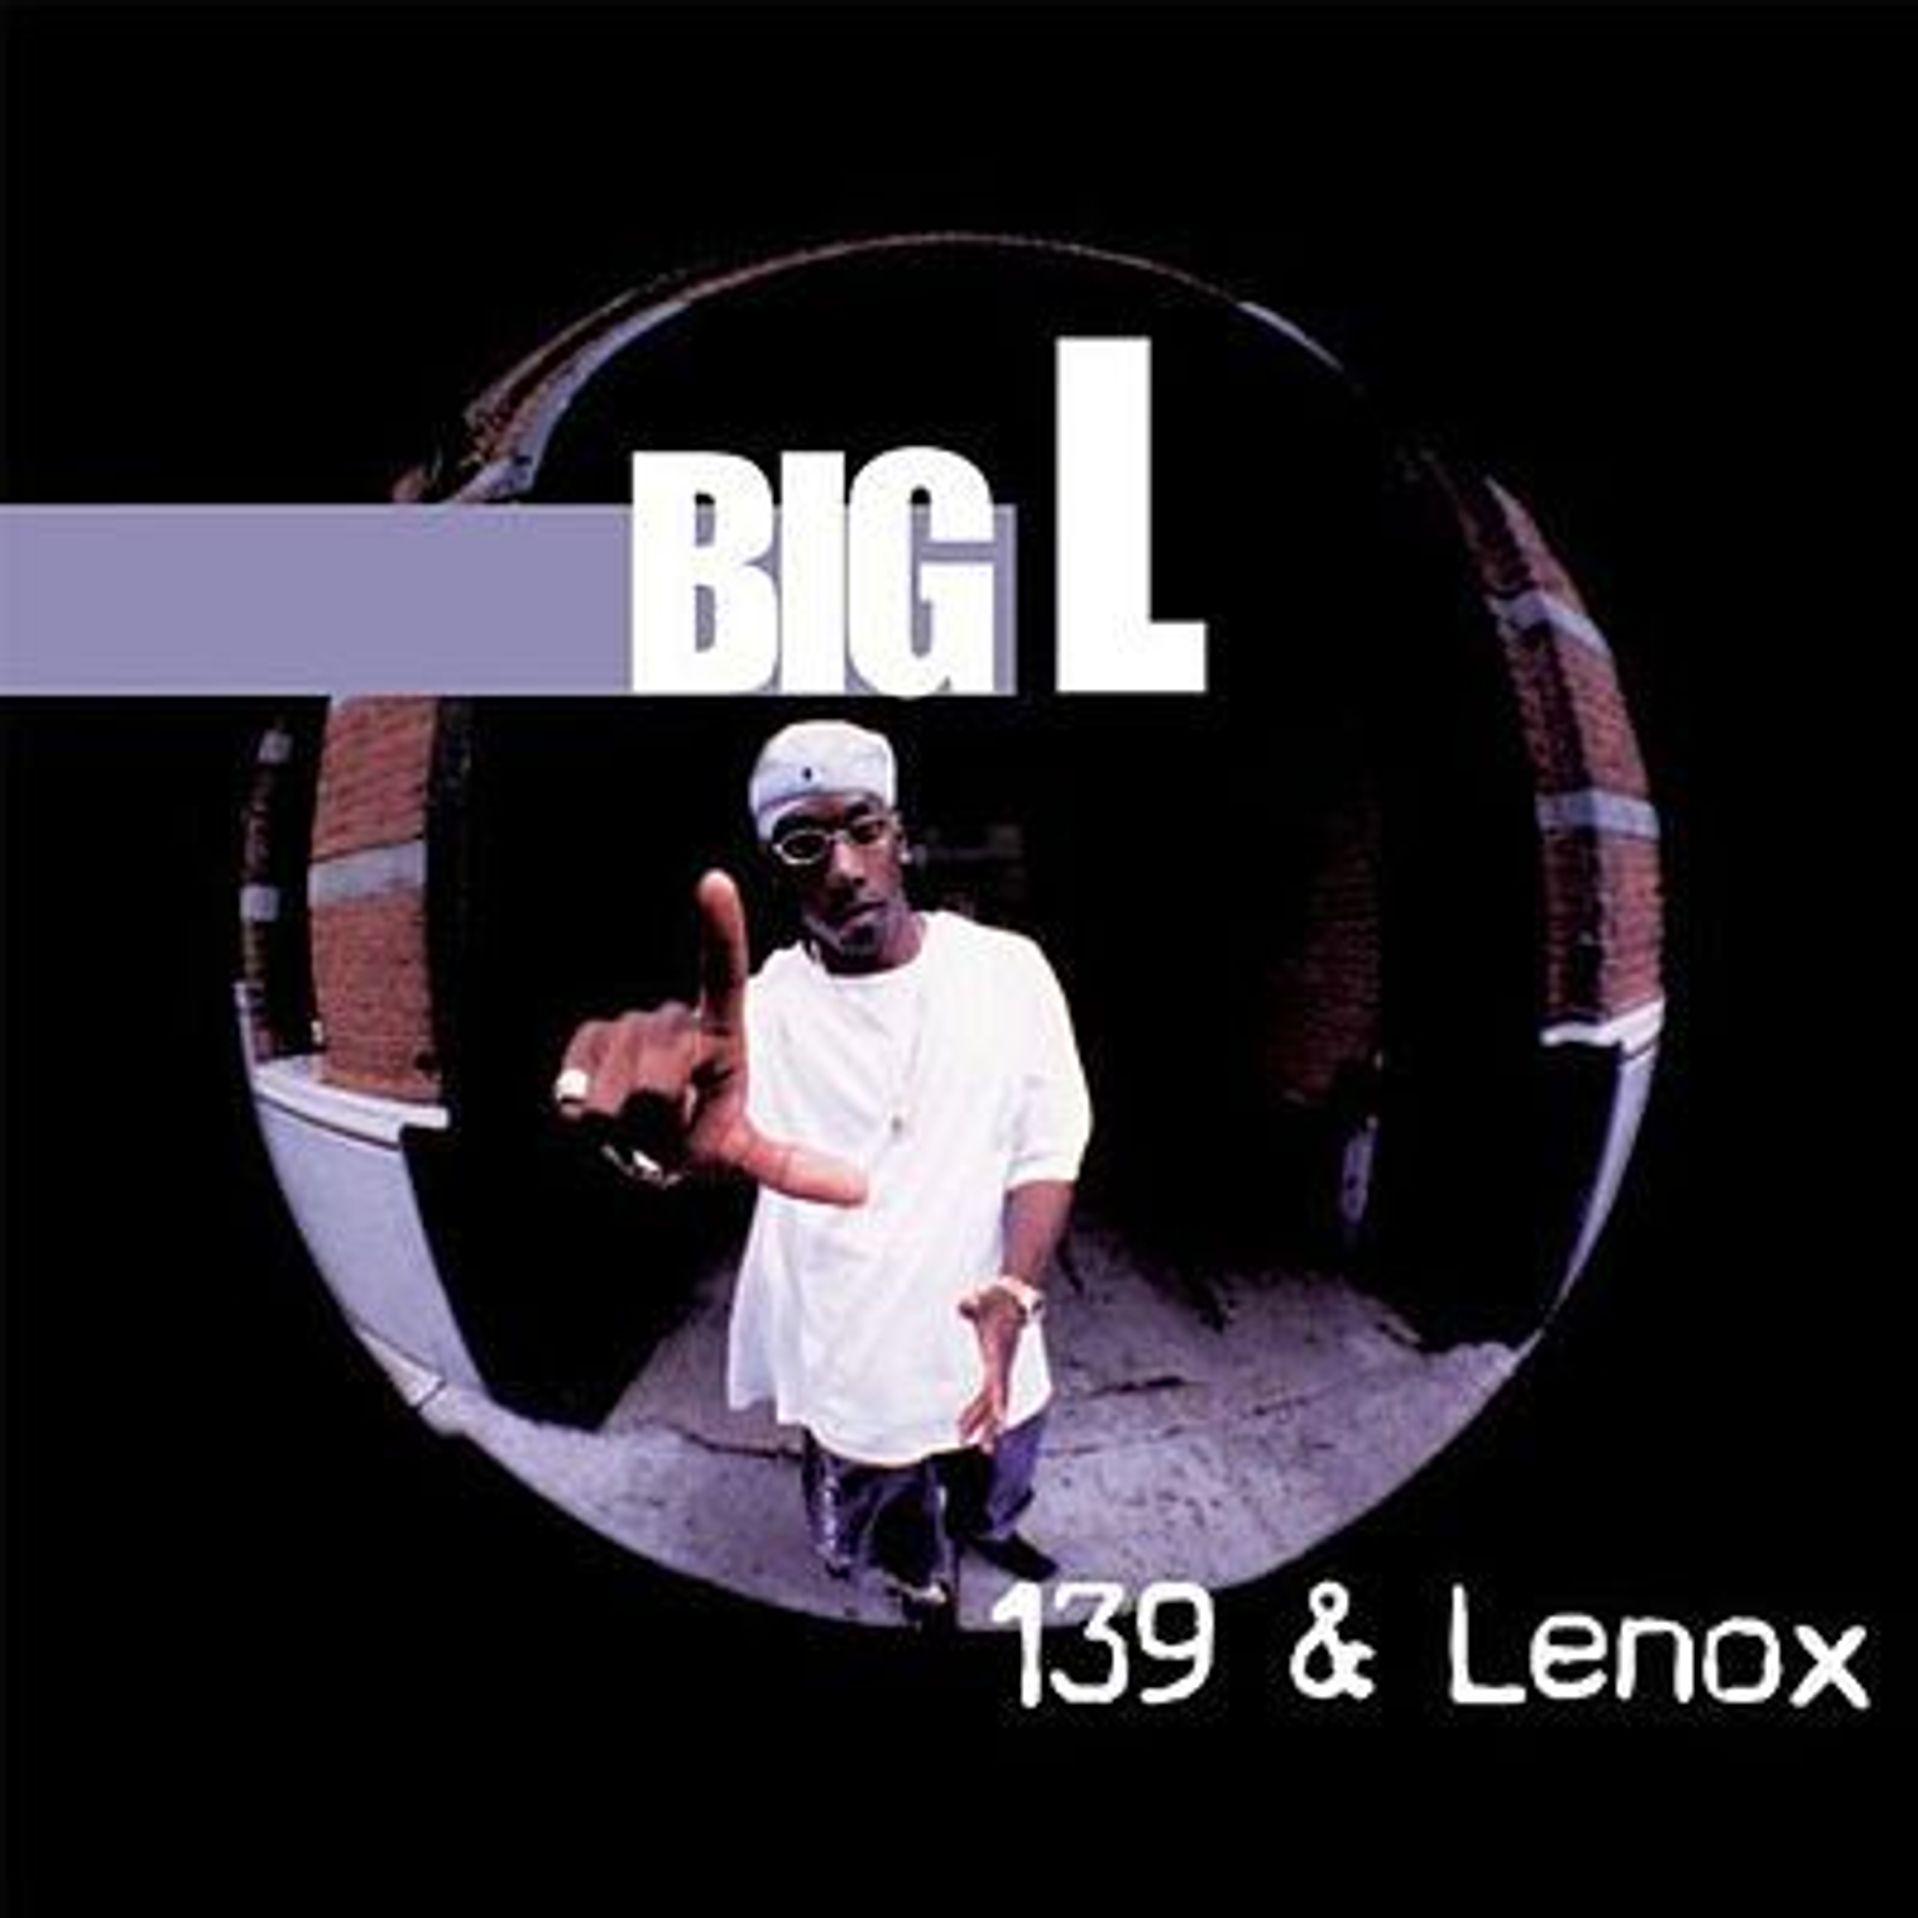 Album Title: 139 & Lenox by: Big L